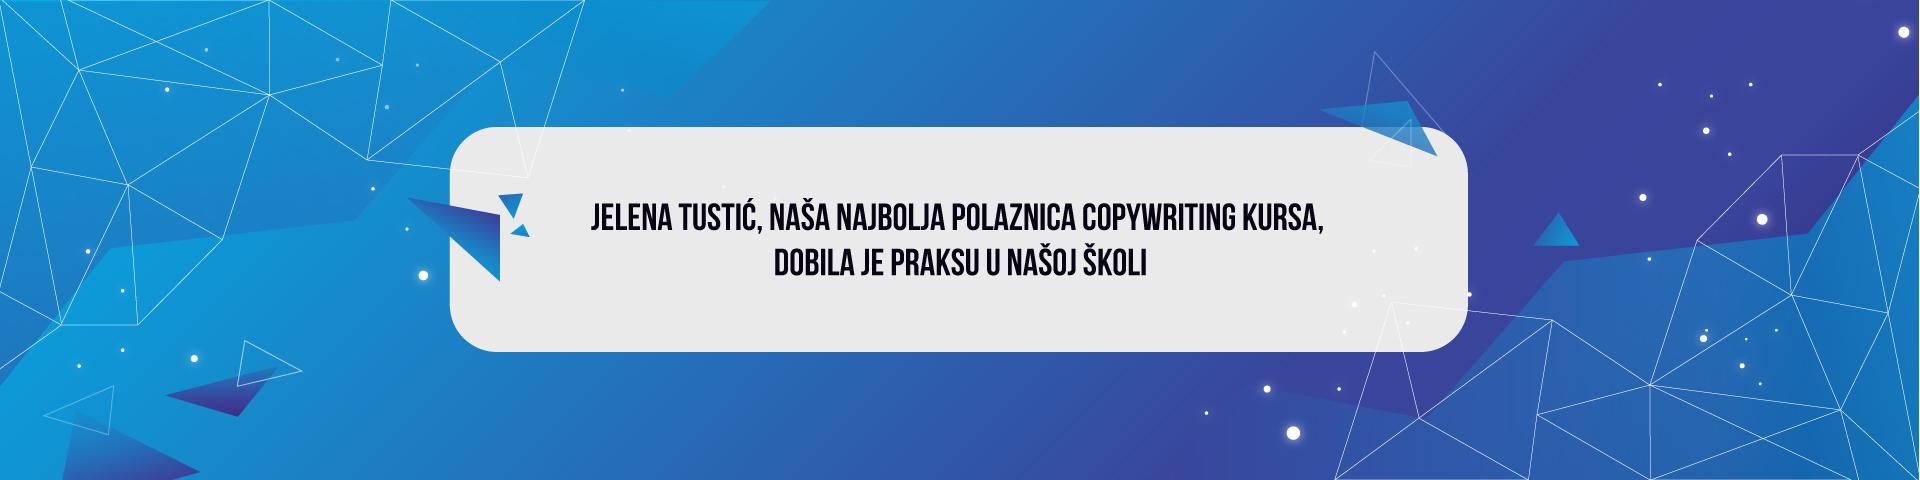 Slider_Uspesi_Polaznika_JTustic